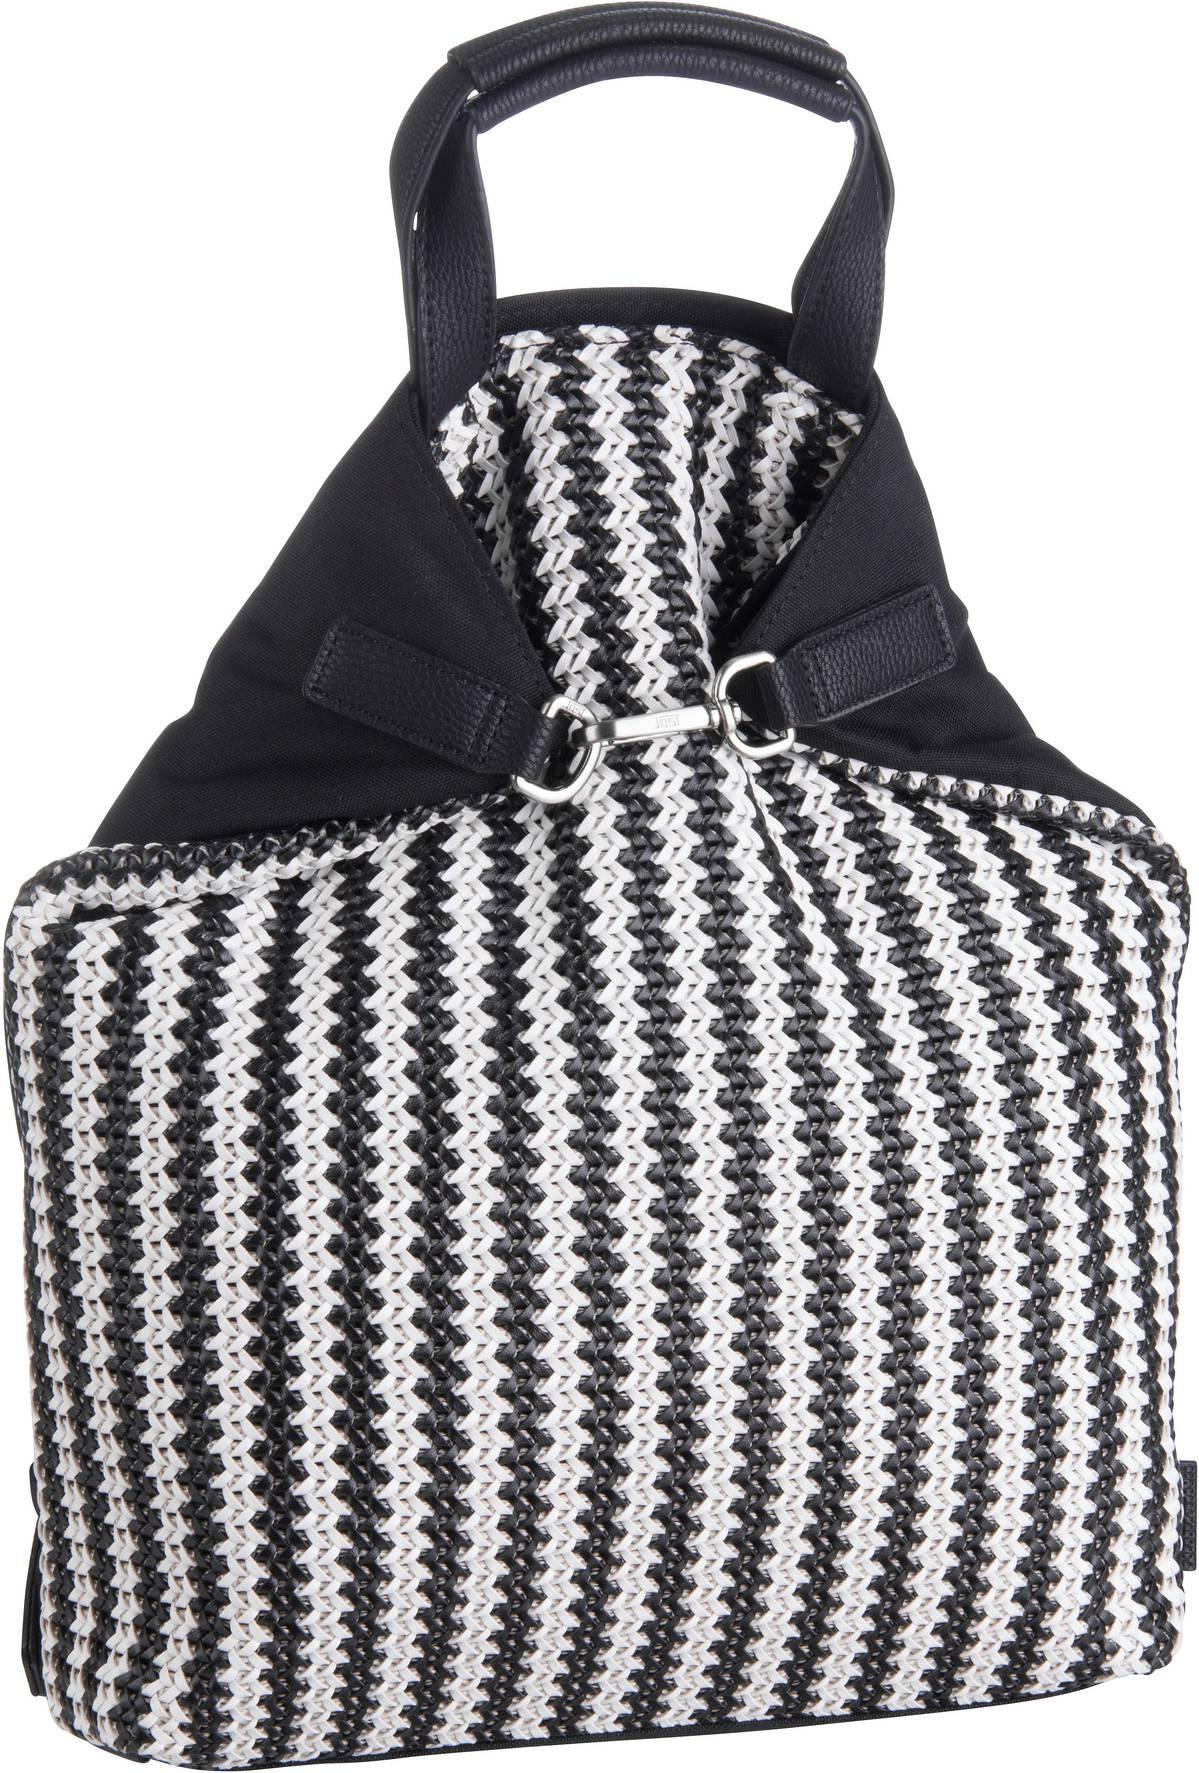 Rucksack / Daypack Redi 2528 X-Change Bag S Schwarz (9.4 Liter)